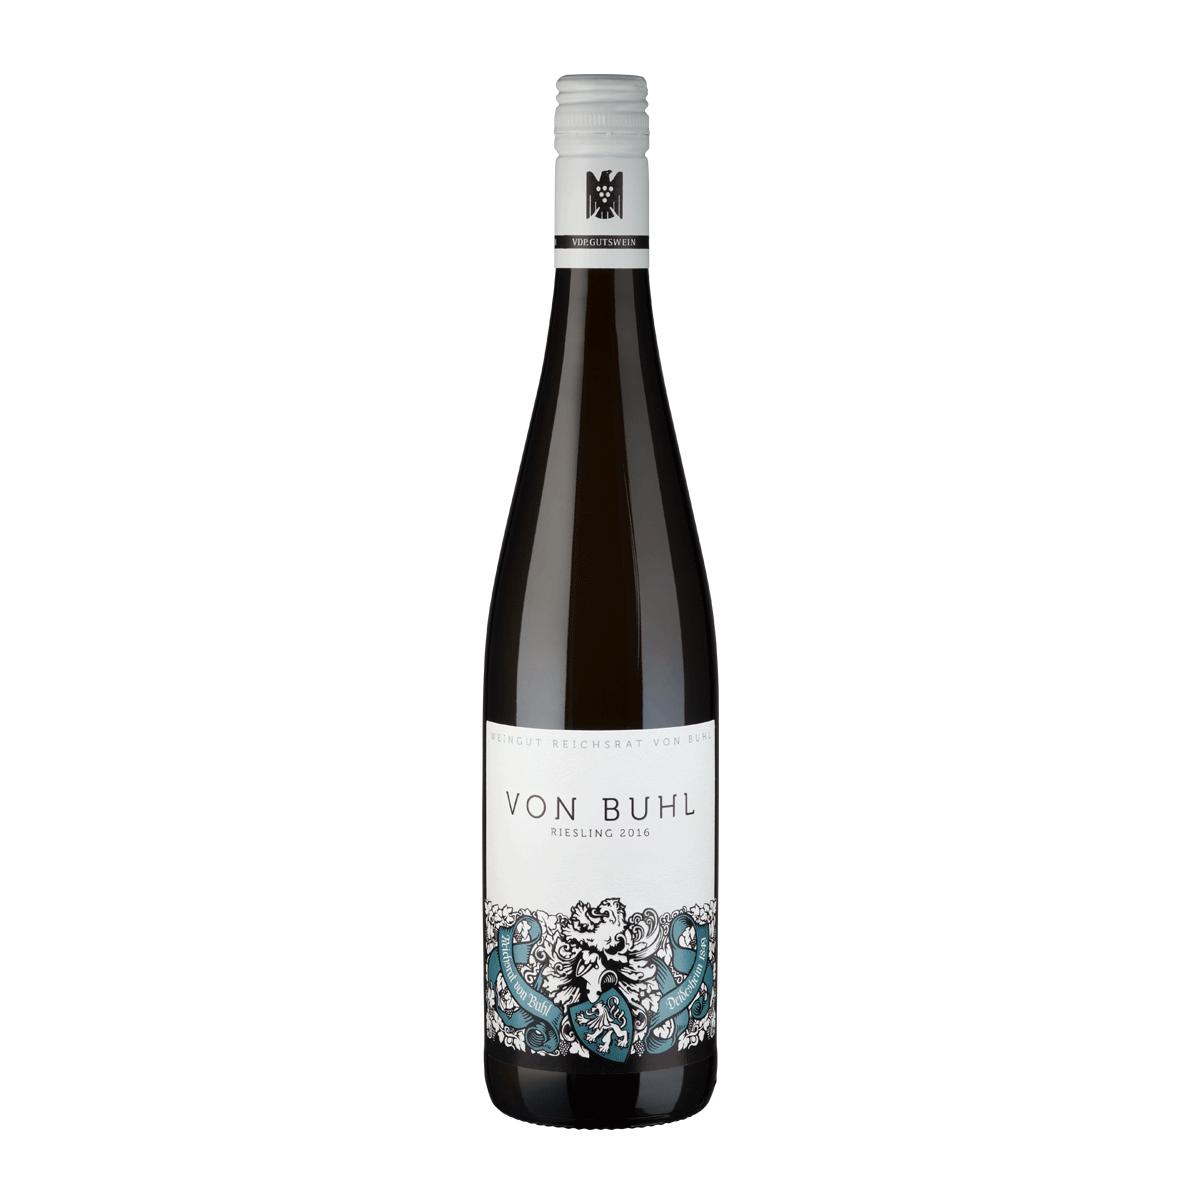 Reichsrat Von Buhl BIO víno VON BUHL Riesling